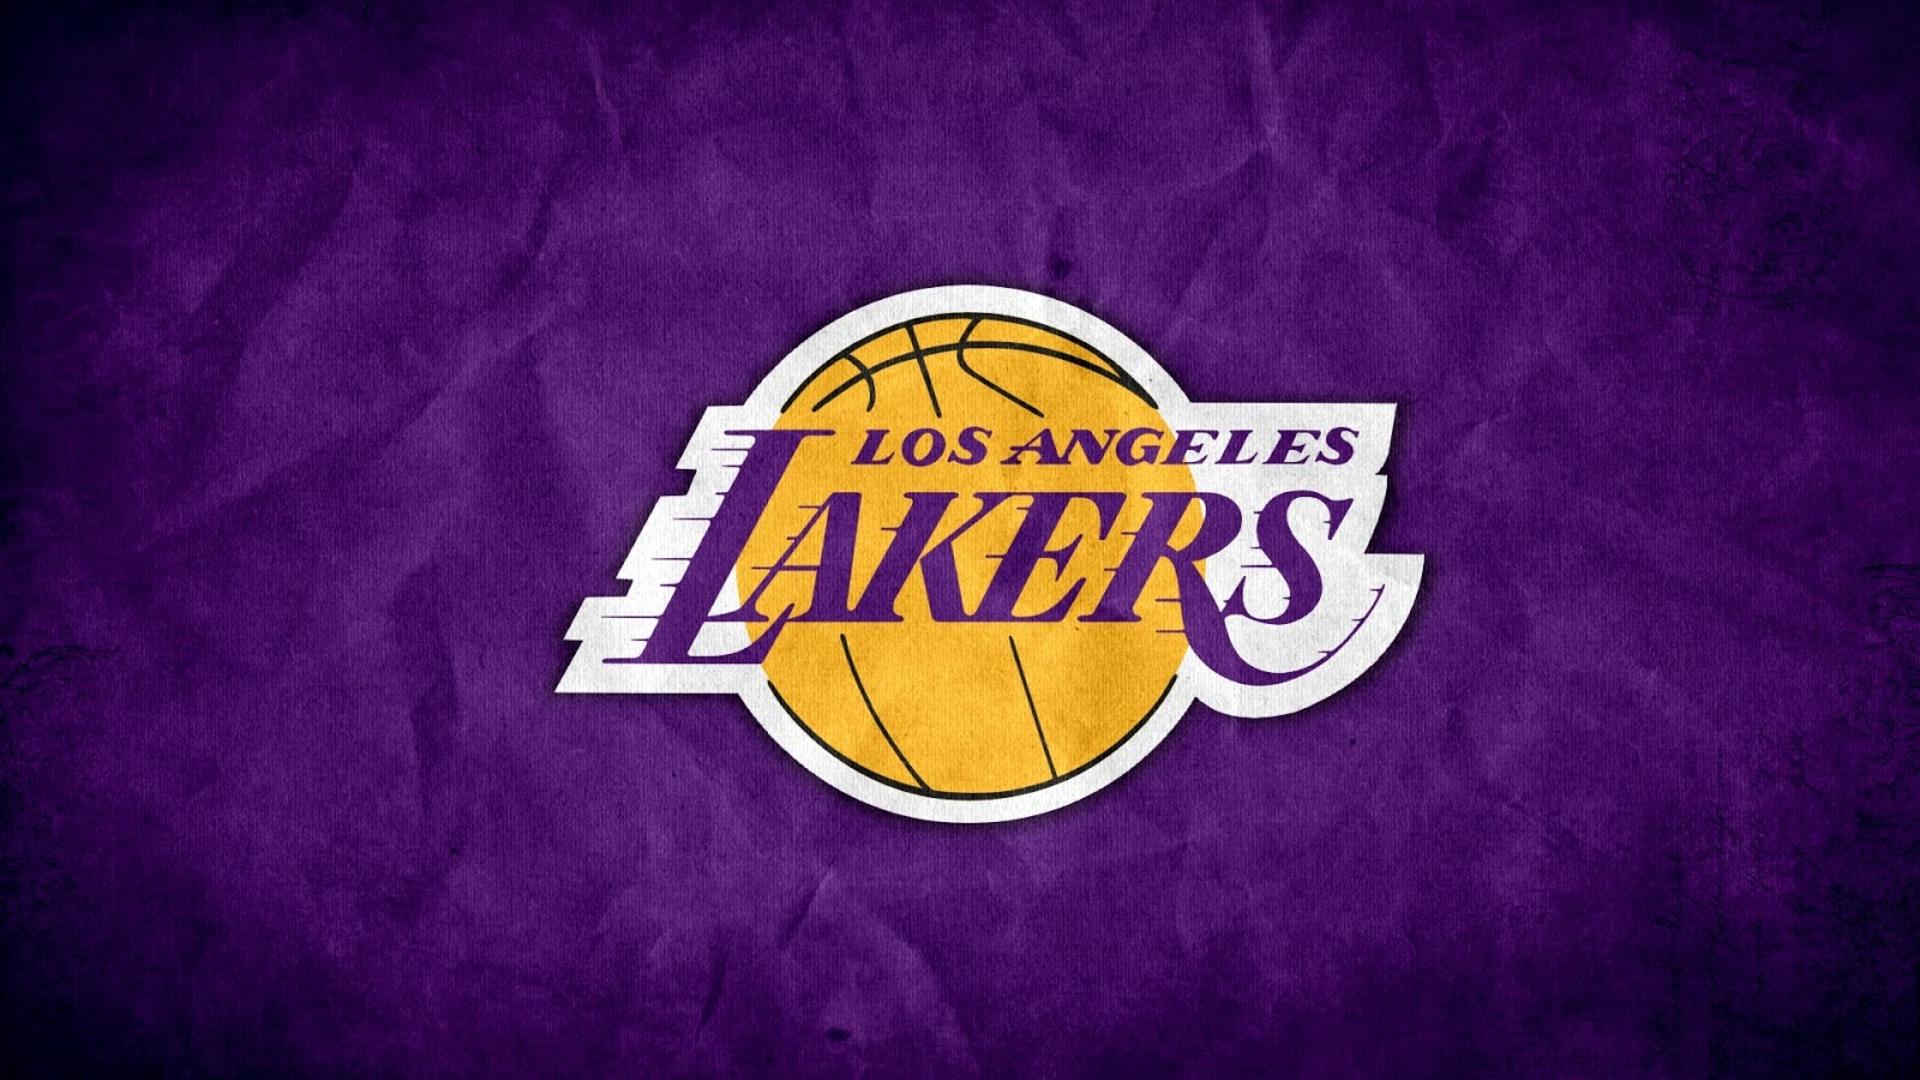 Lakers iPhone Wallpaper - WallpaperSafari